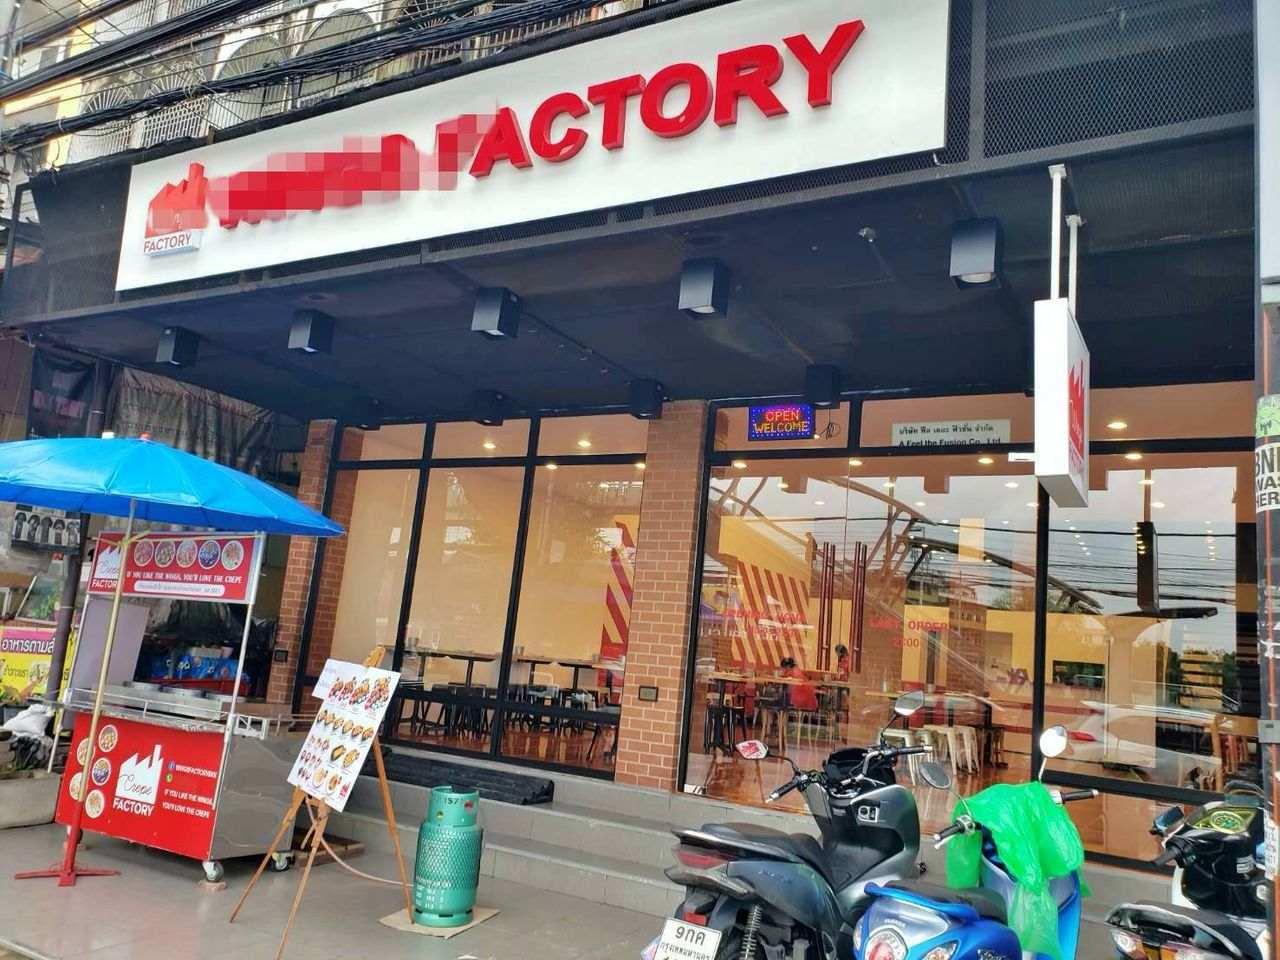 เซ้ง‼️ ร้านอาหาร ติดทางลงBTSแบริ่ง ทางออกที่สาม @บางนาใต้ กทม